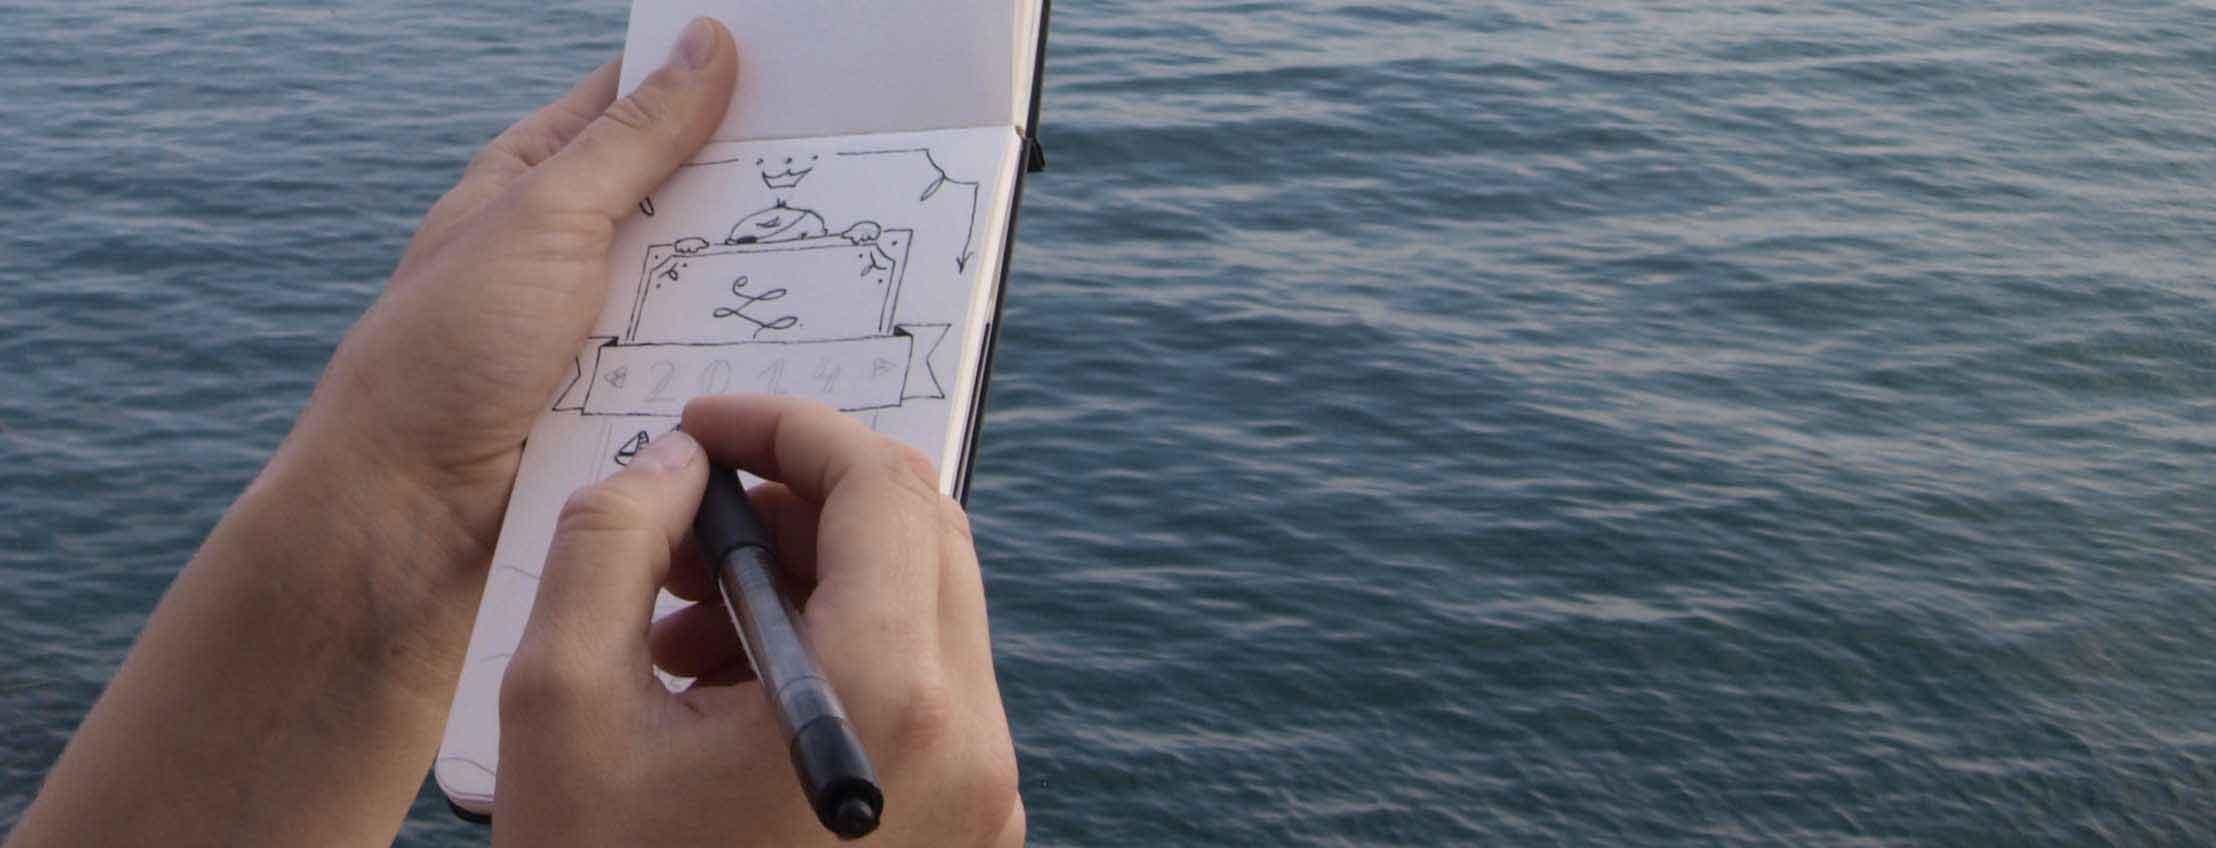 Segelboot Skizzenbuch